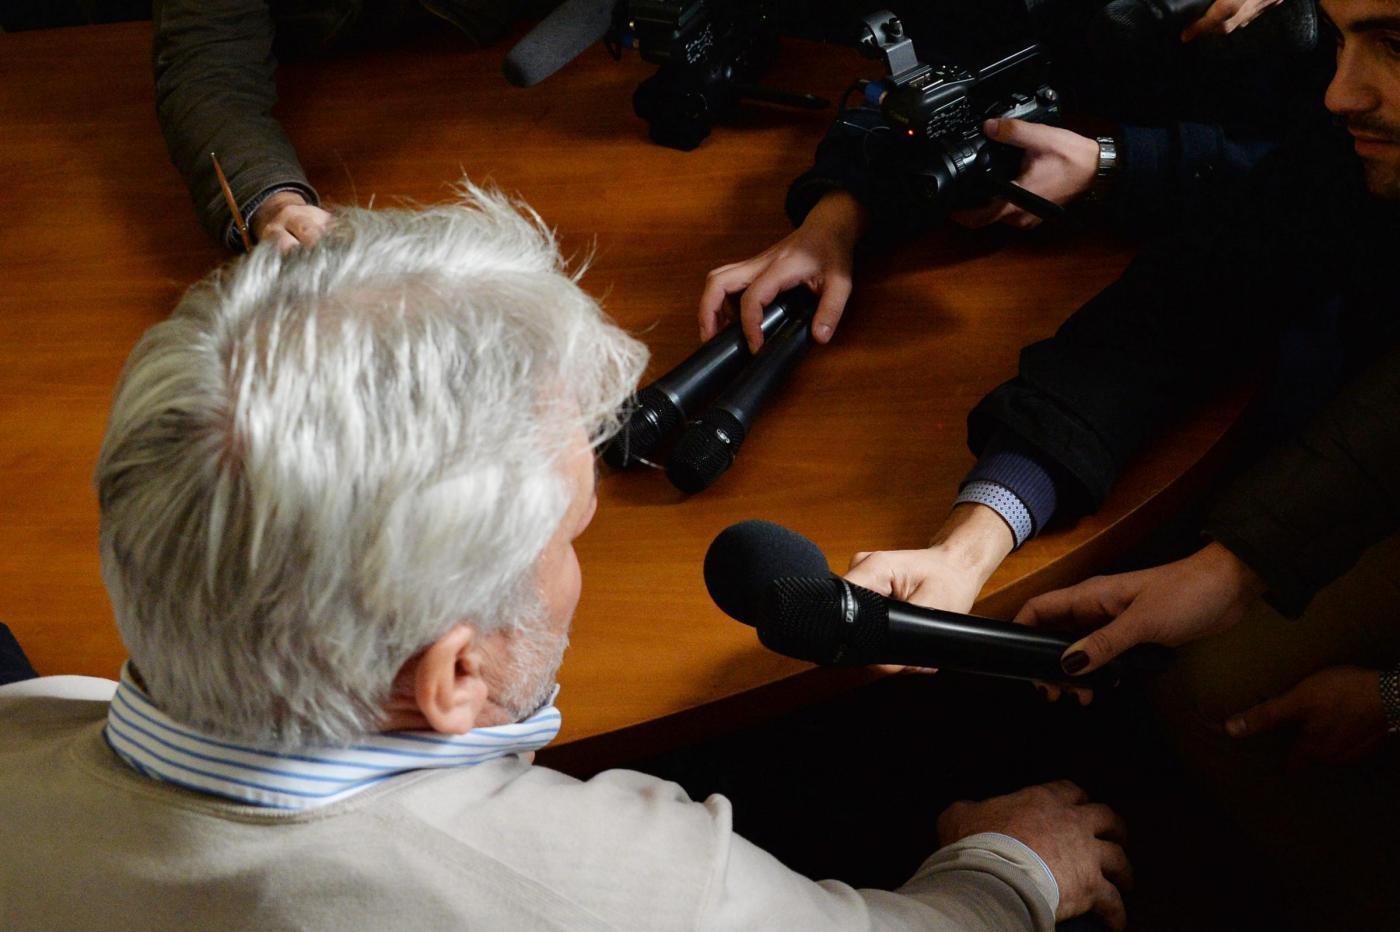 conferenza stampa di Rodolfo Corazzo